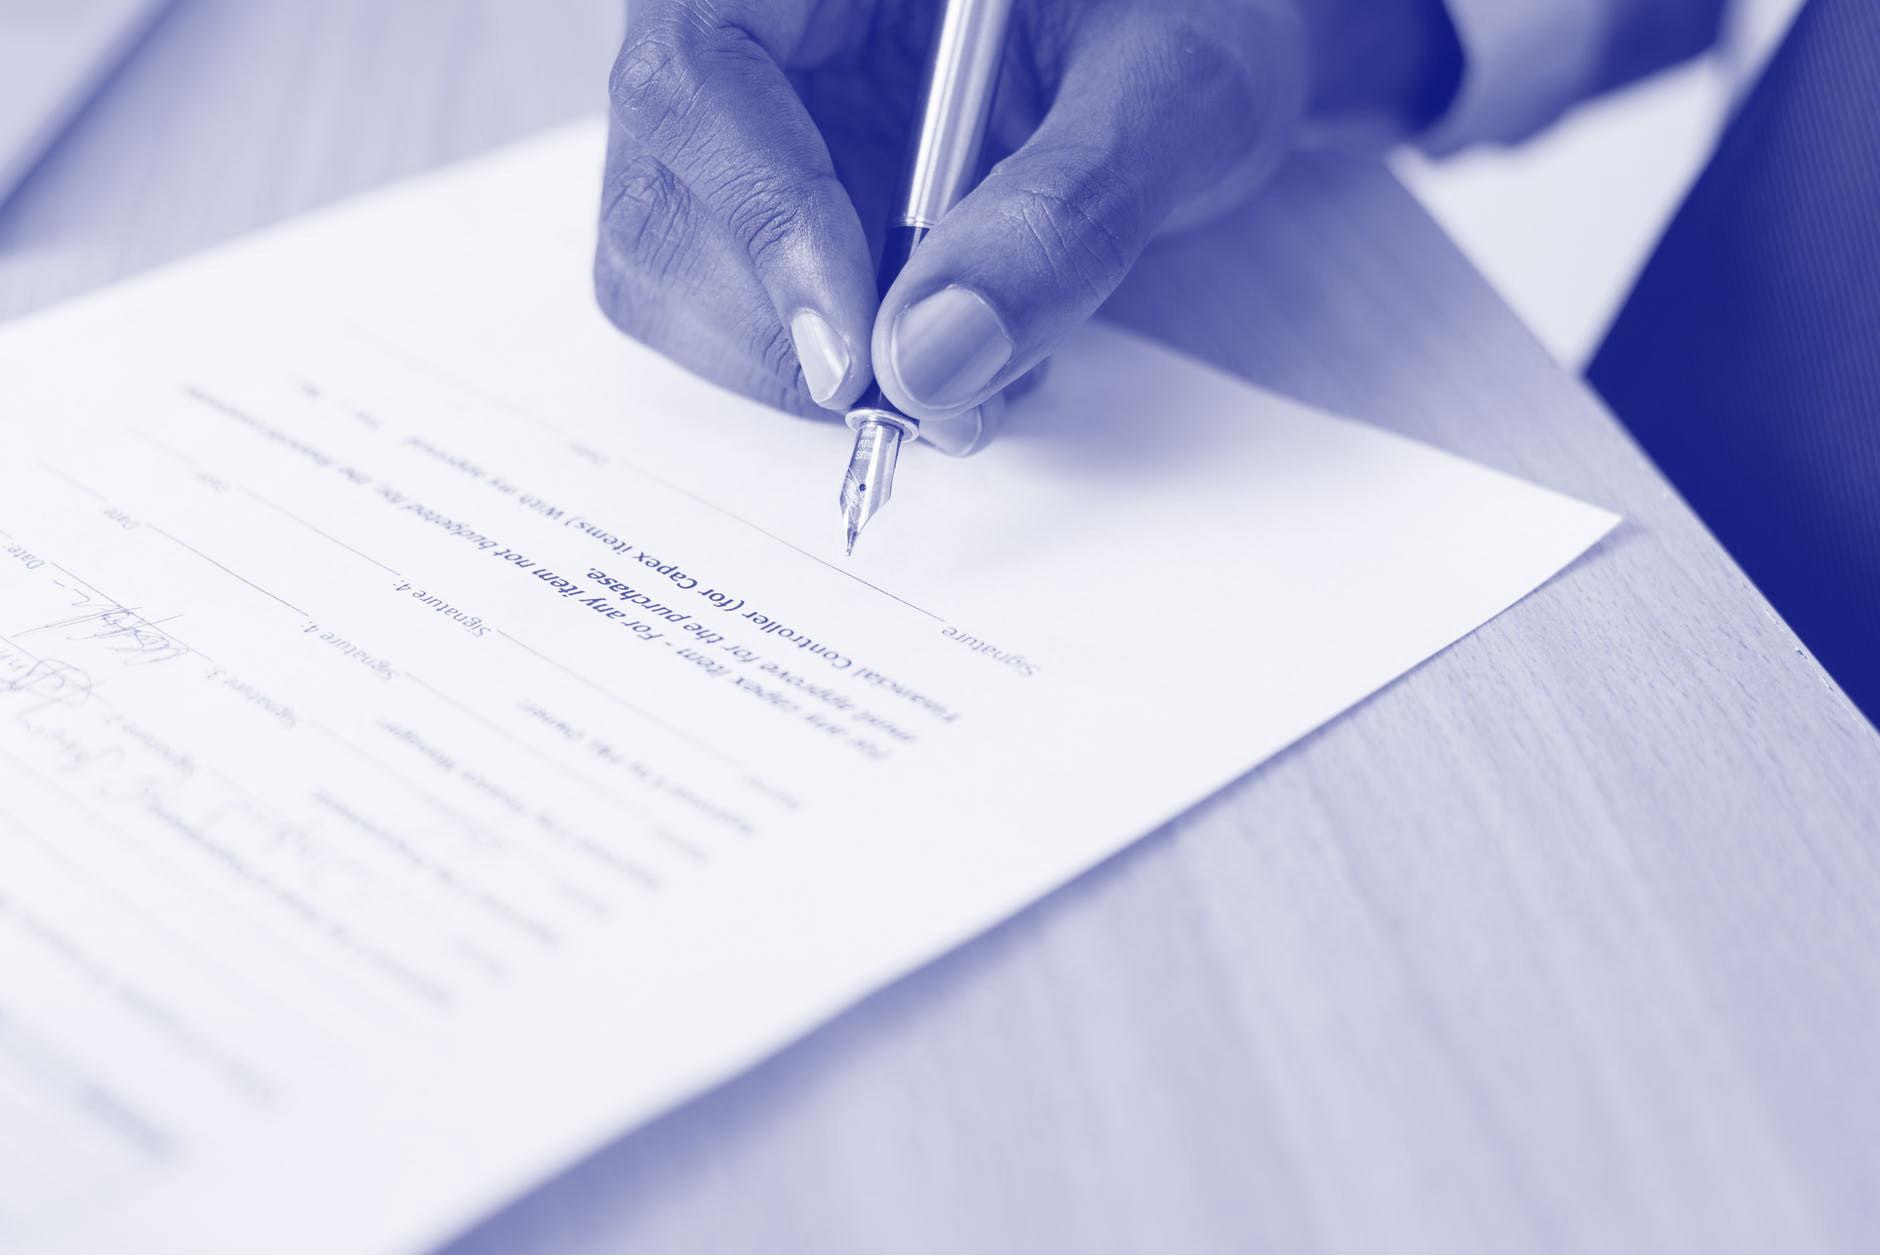 Echtheid handtekening